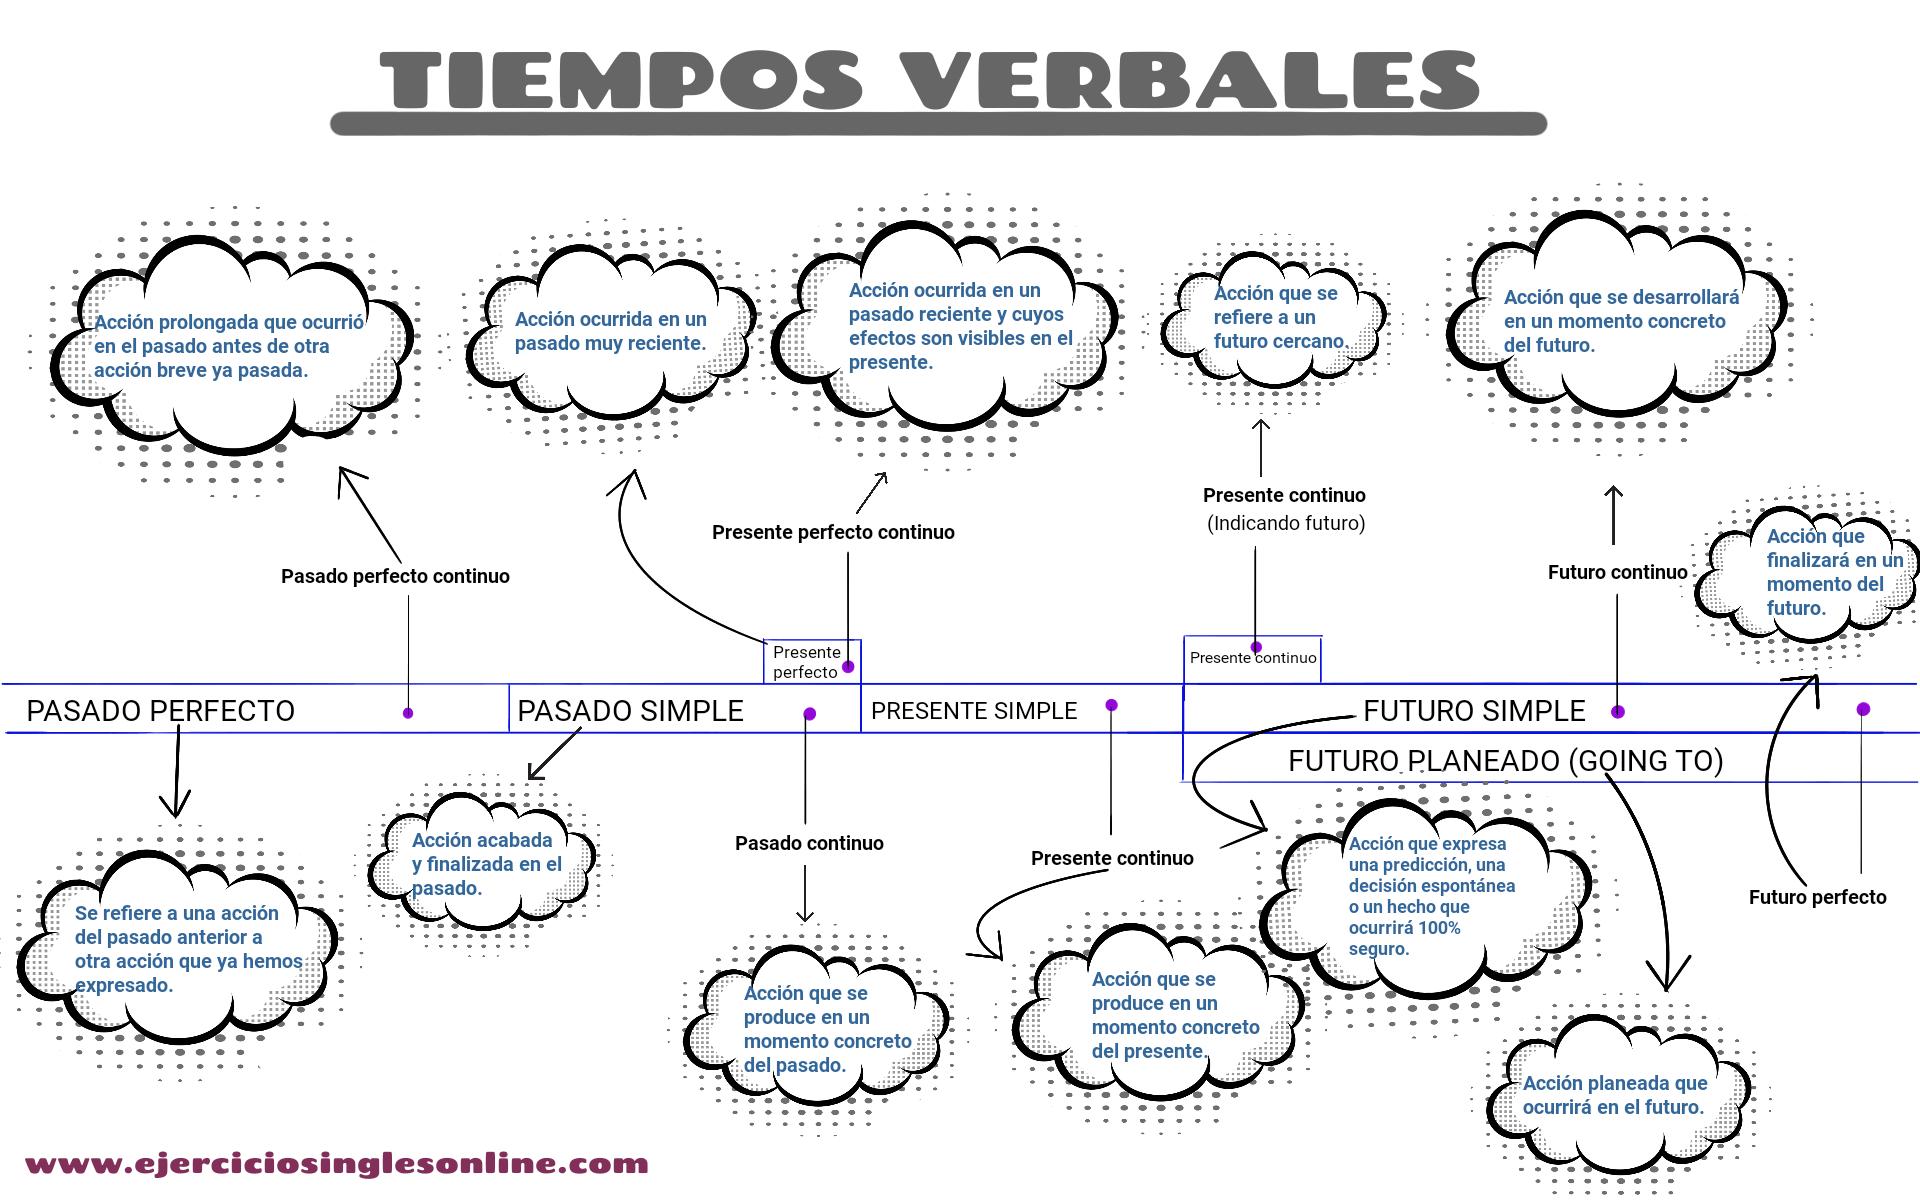 gerundios e infinitivos en ingles pdf